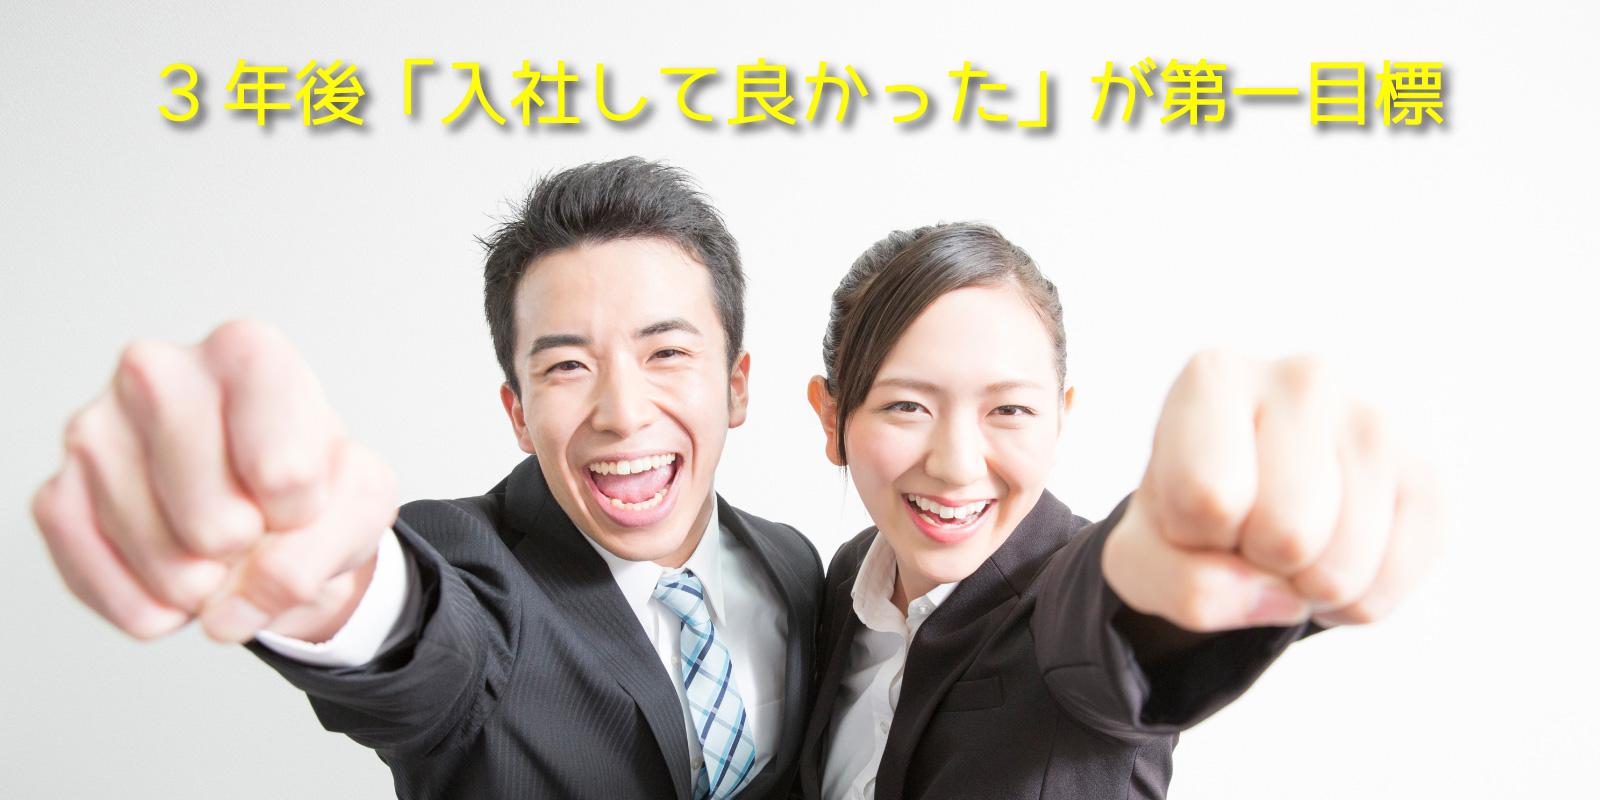 【採用応援】入社はゴールではなくスタート!